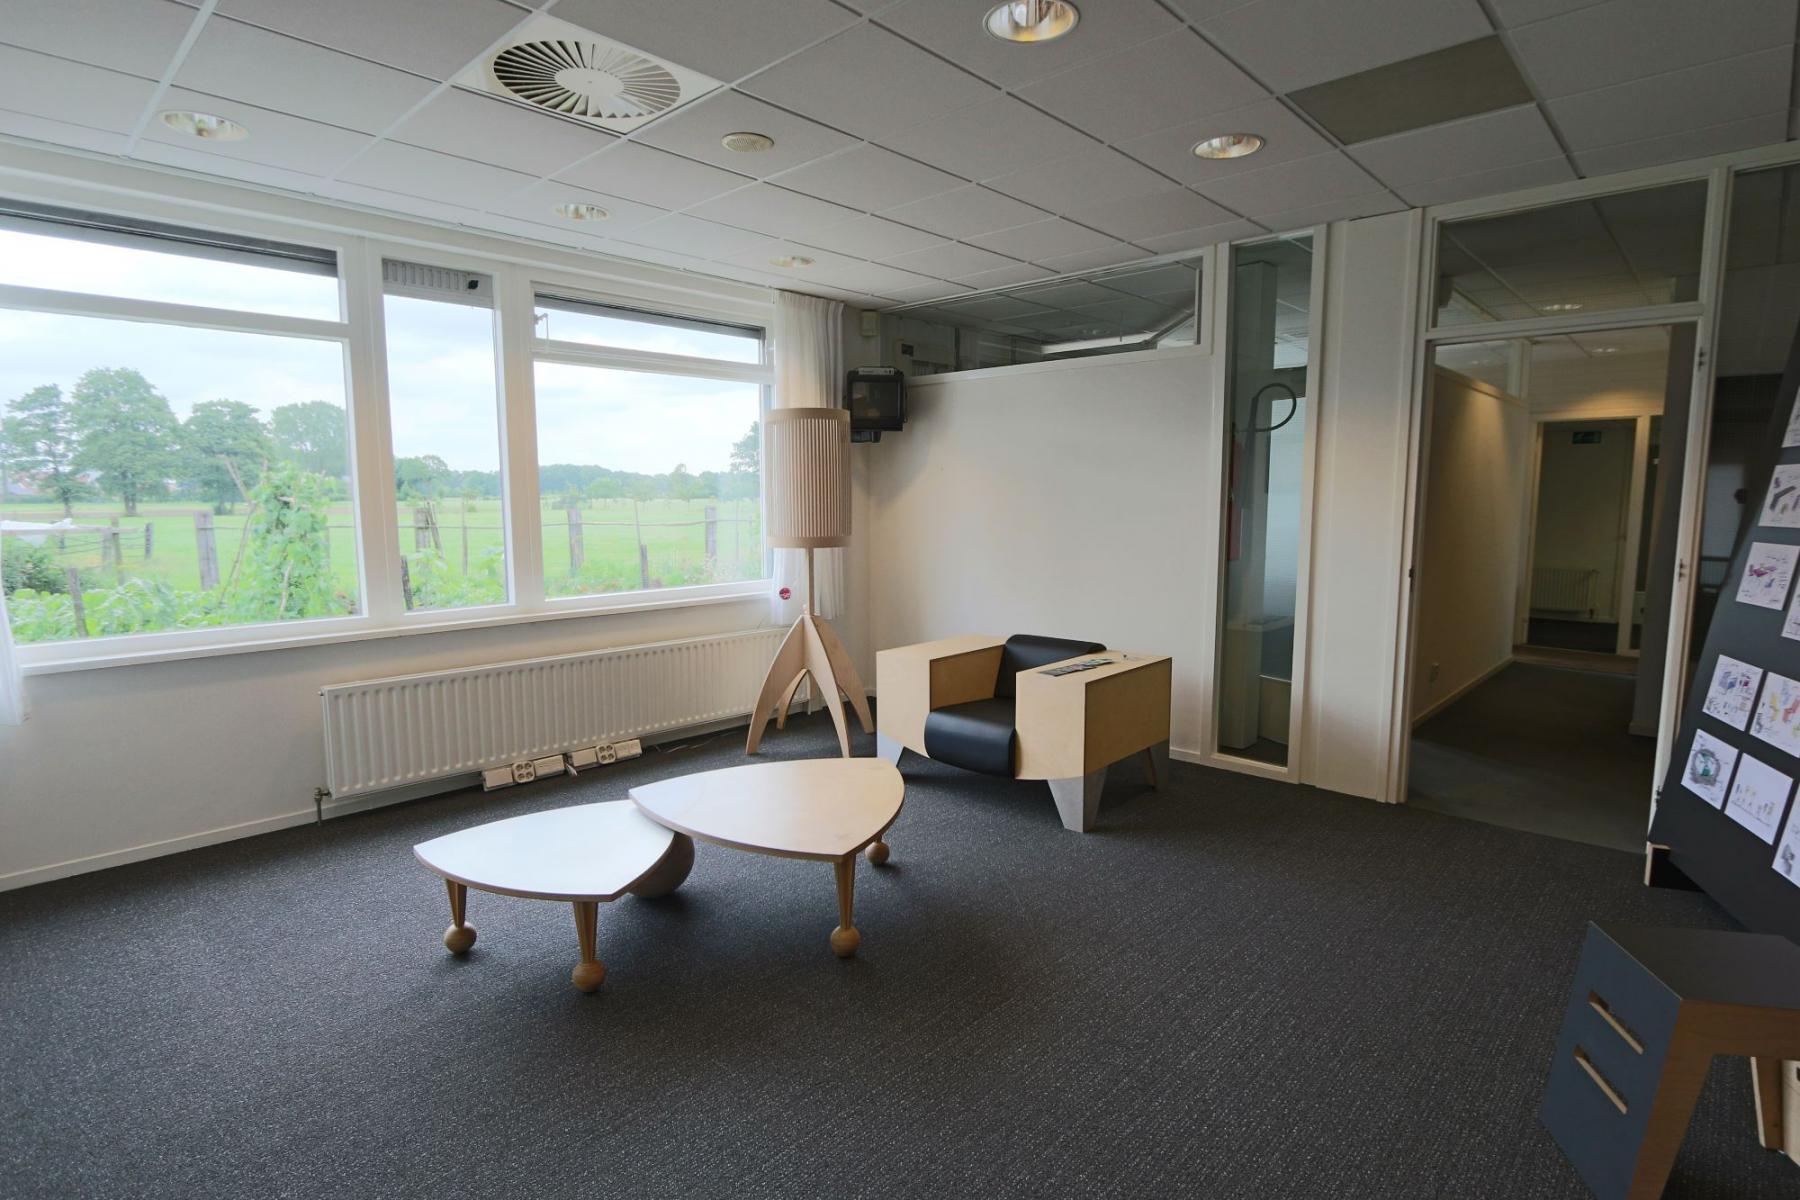 kantoorruimte kantoorkamer werkplek vergaderen SKEPP